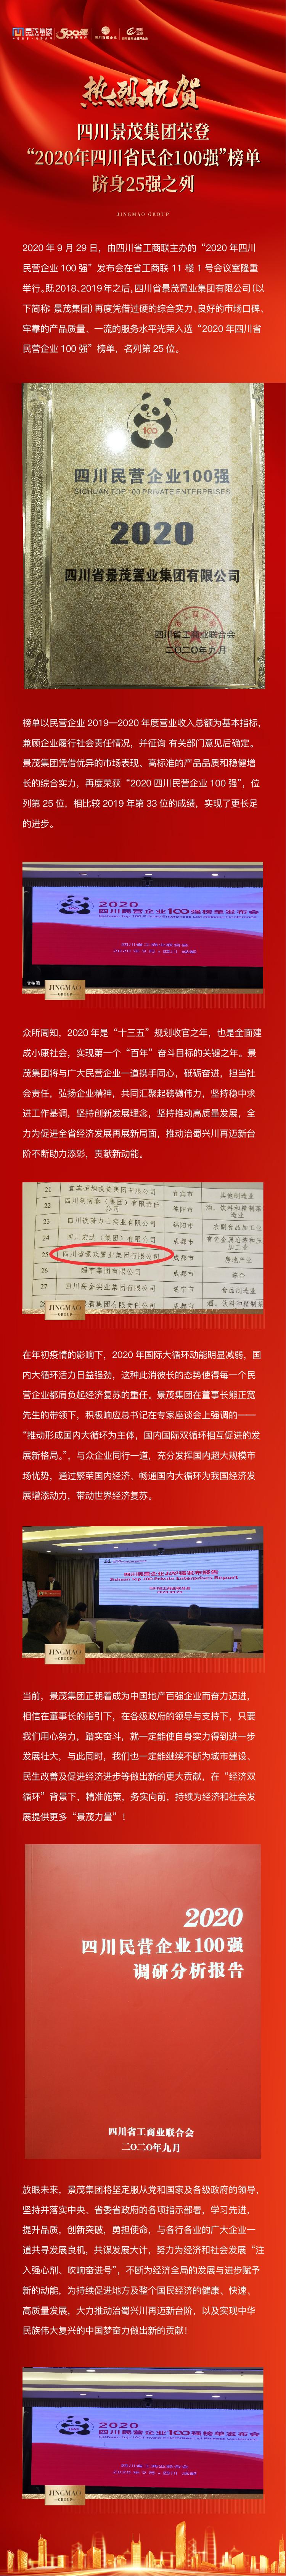 伟德betvictor中文版伟德betvictorAPP川企100强.jpg